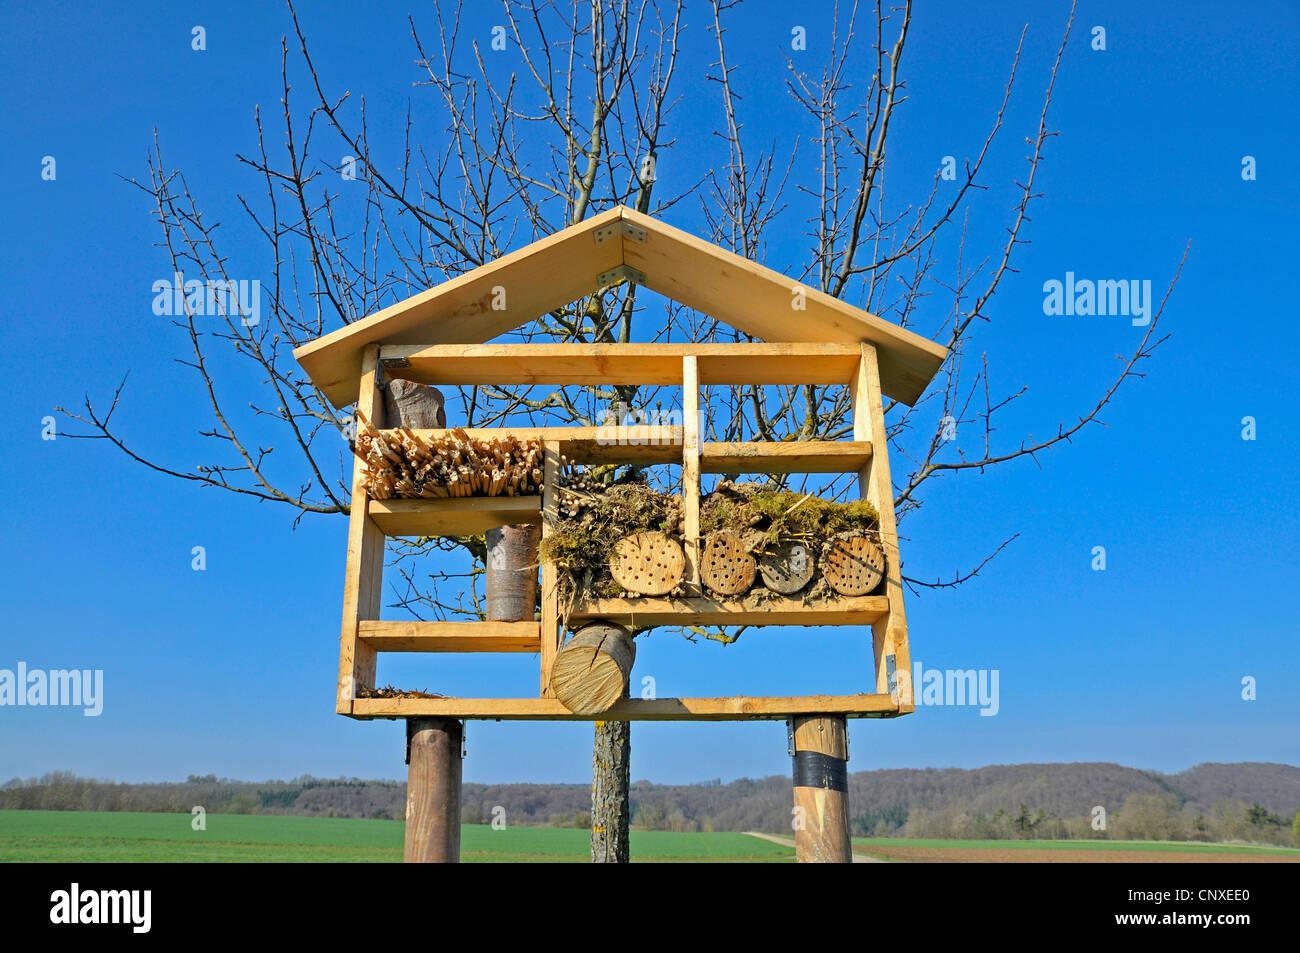 Hotel di insetto per api selvatiche e altri insetti, Germania Immagini Stock